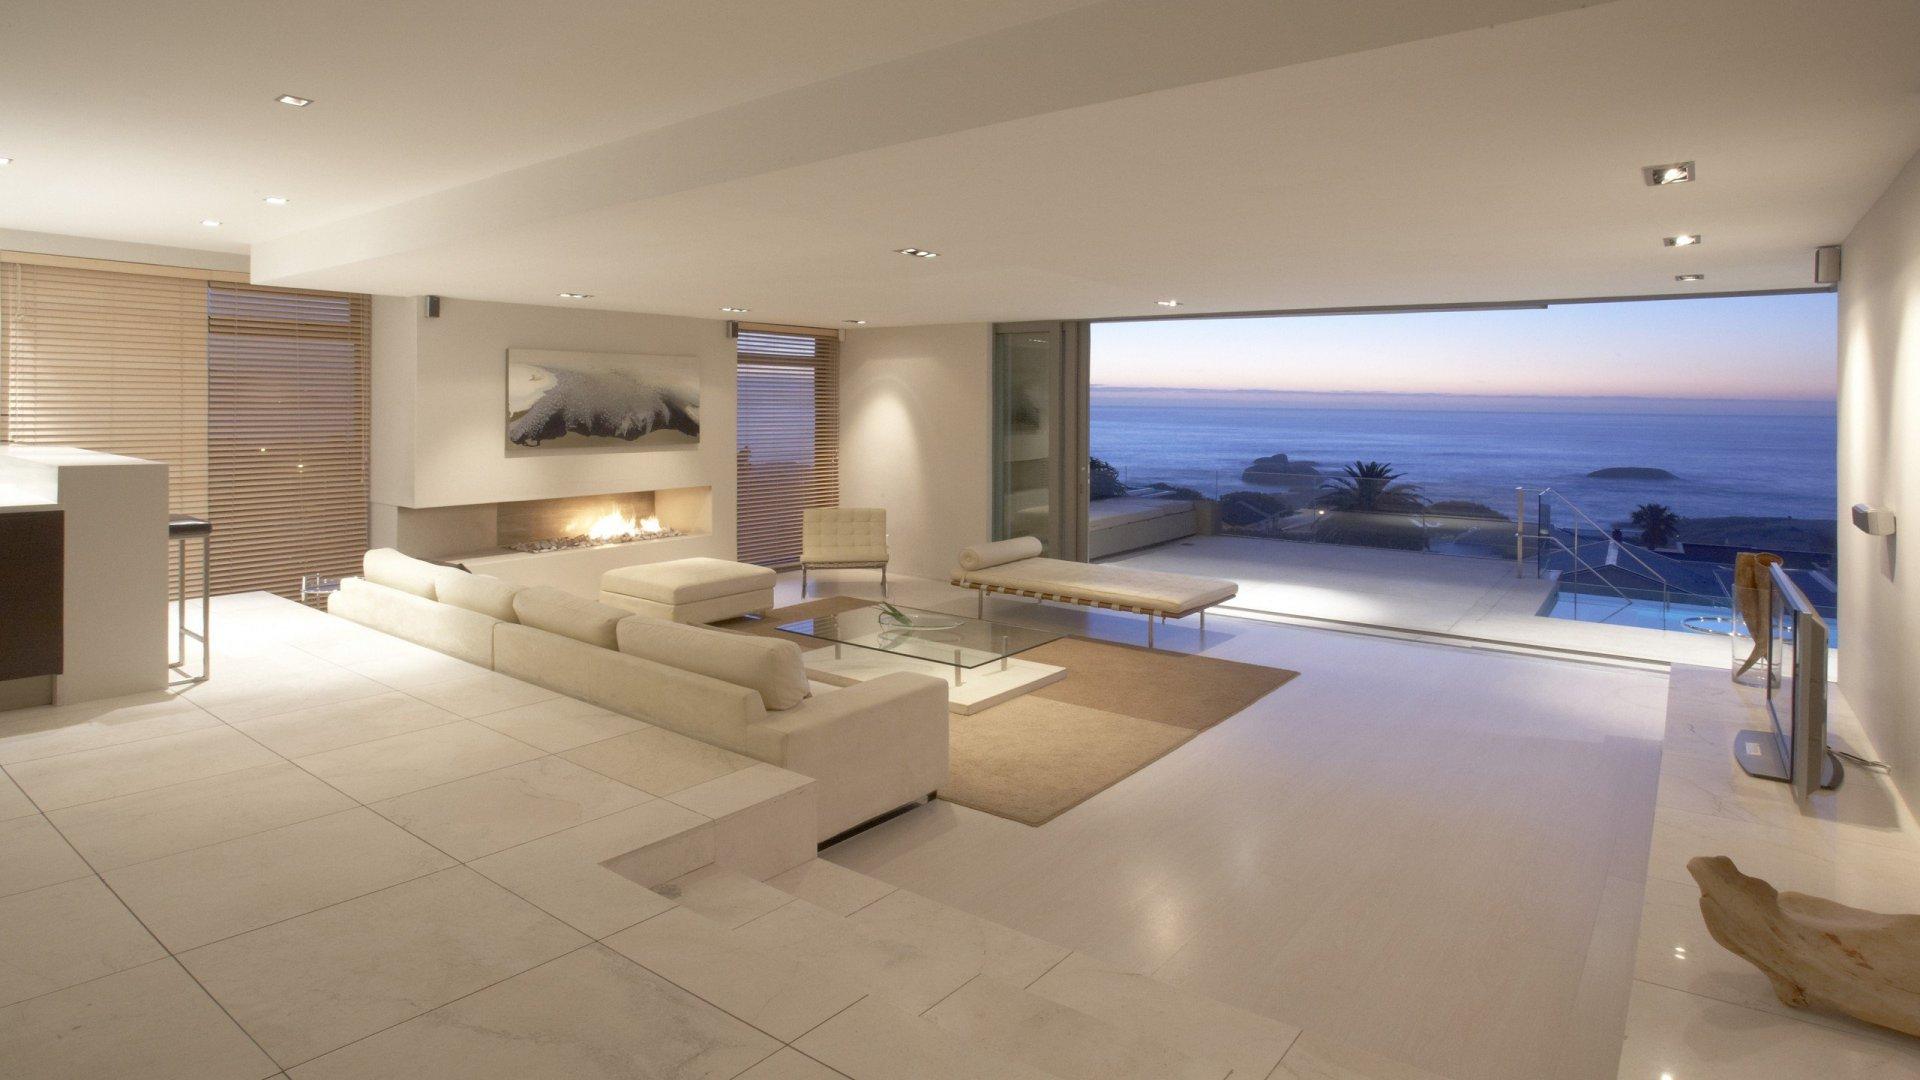 8996172767-598117-architecture-interior-interior-design-living-room-room